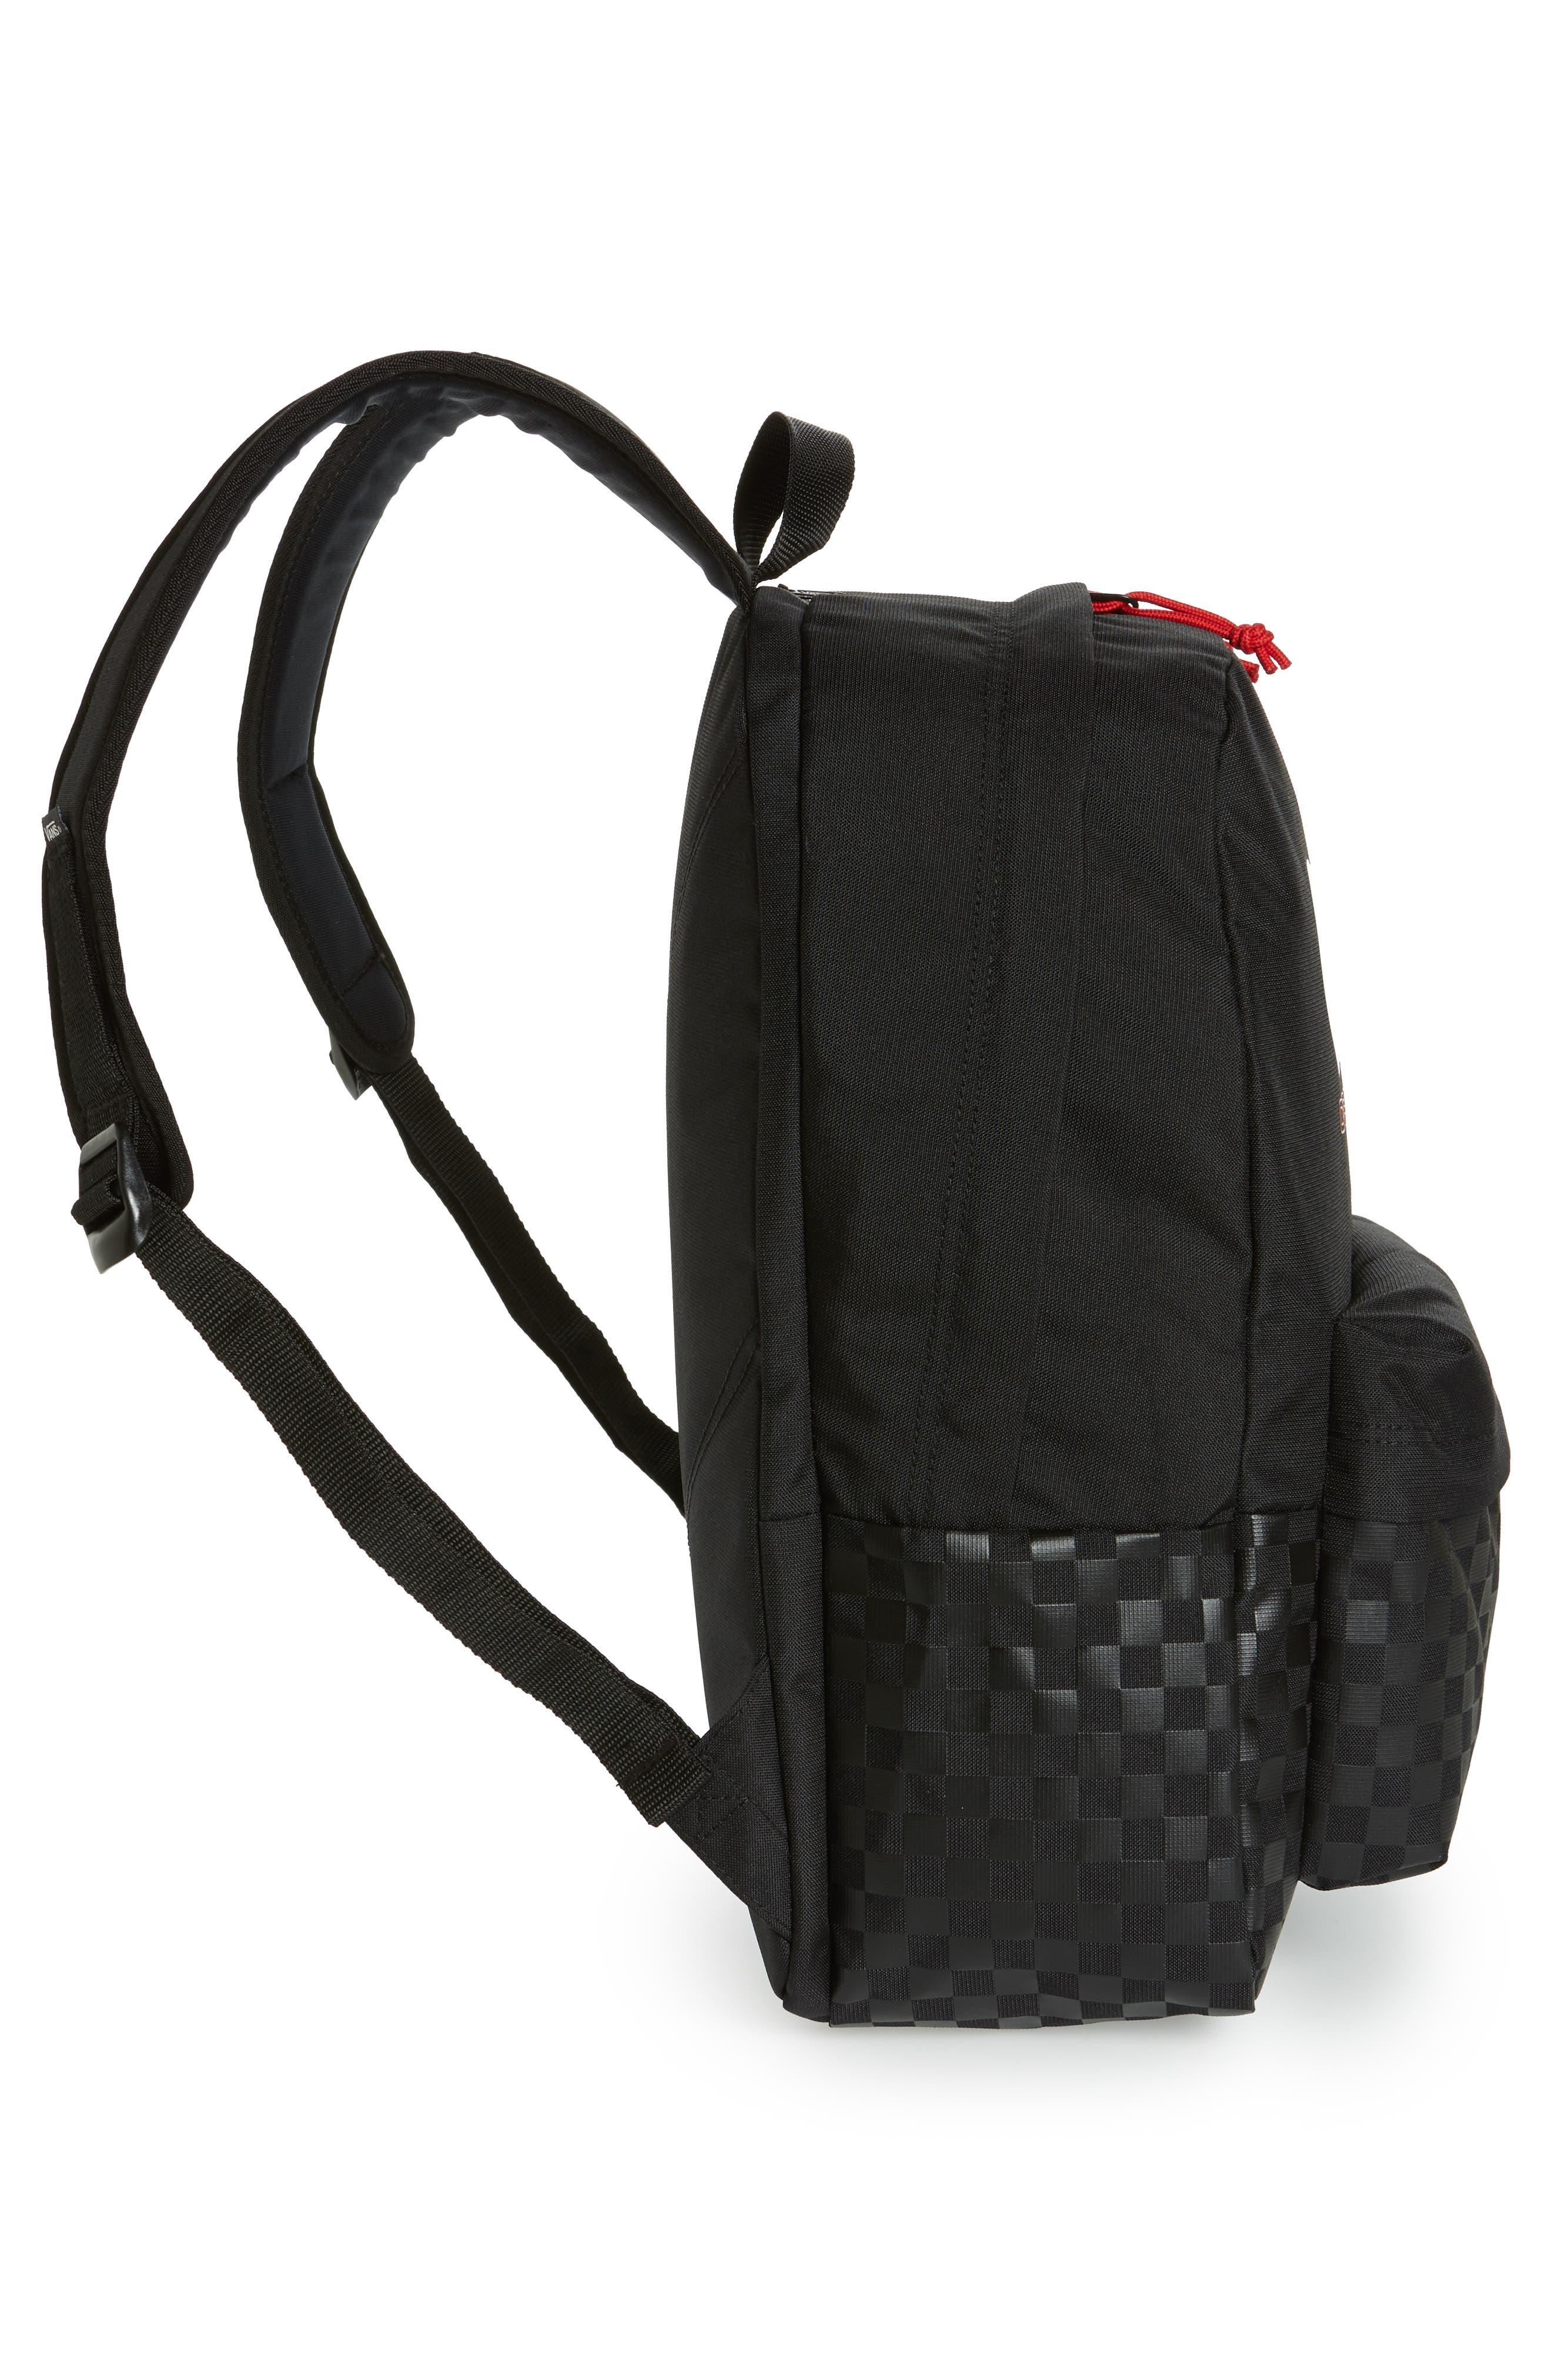 VANS Canvases Old Skool Plus Backpack